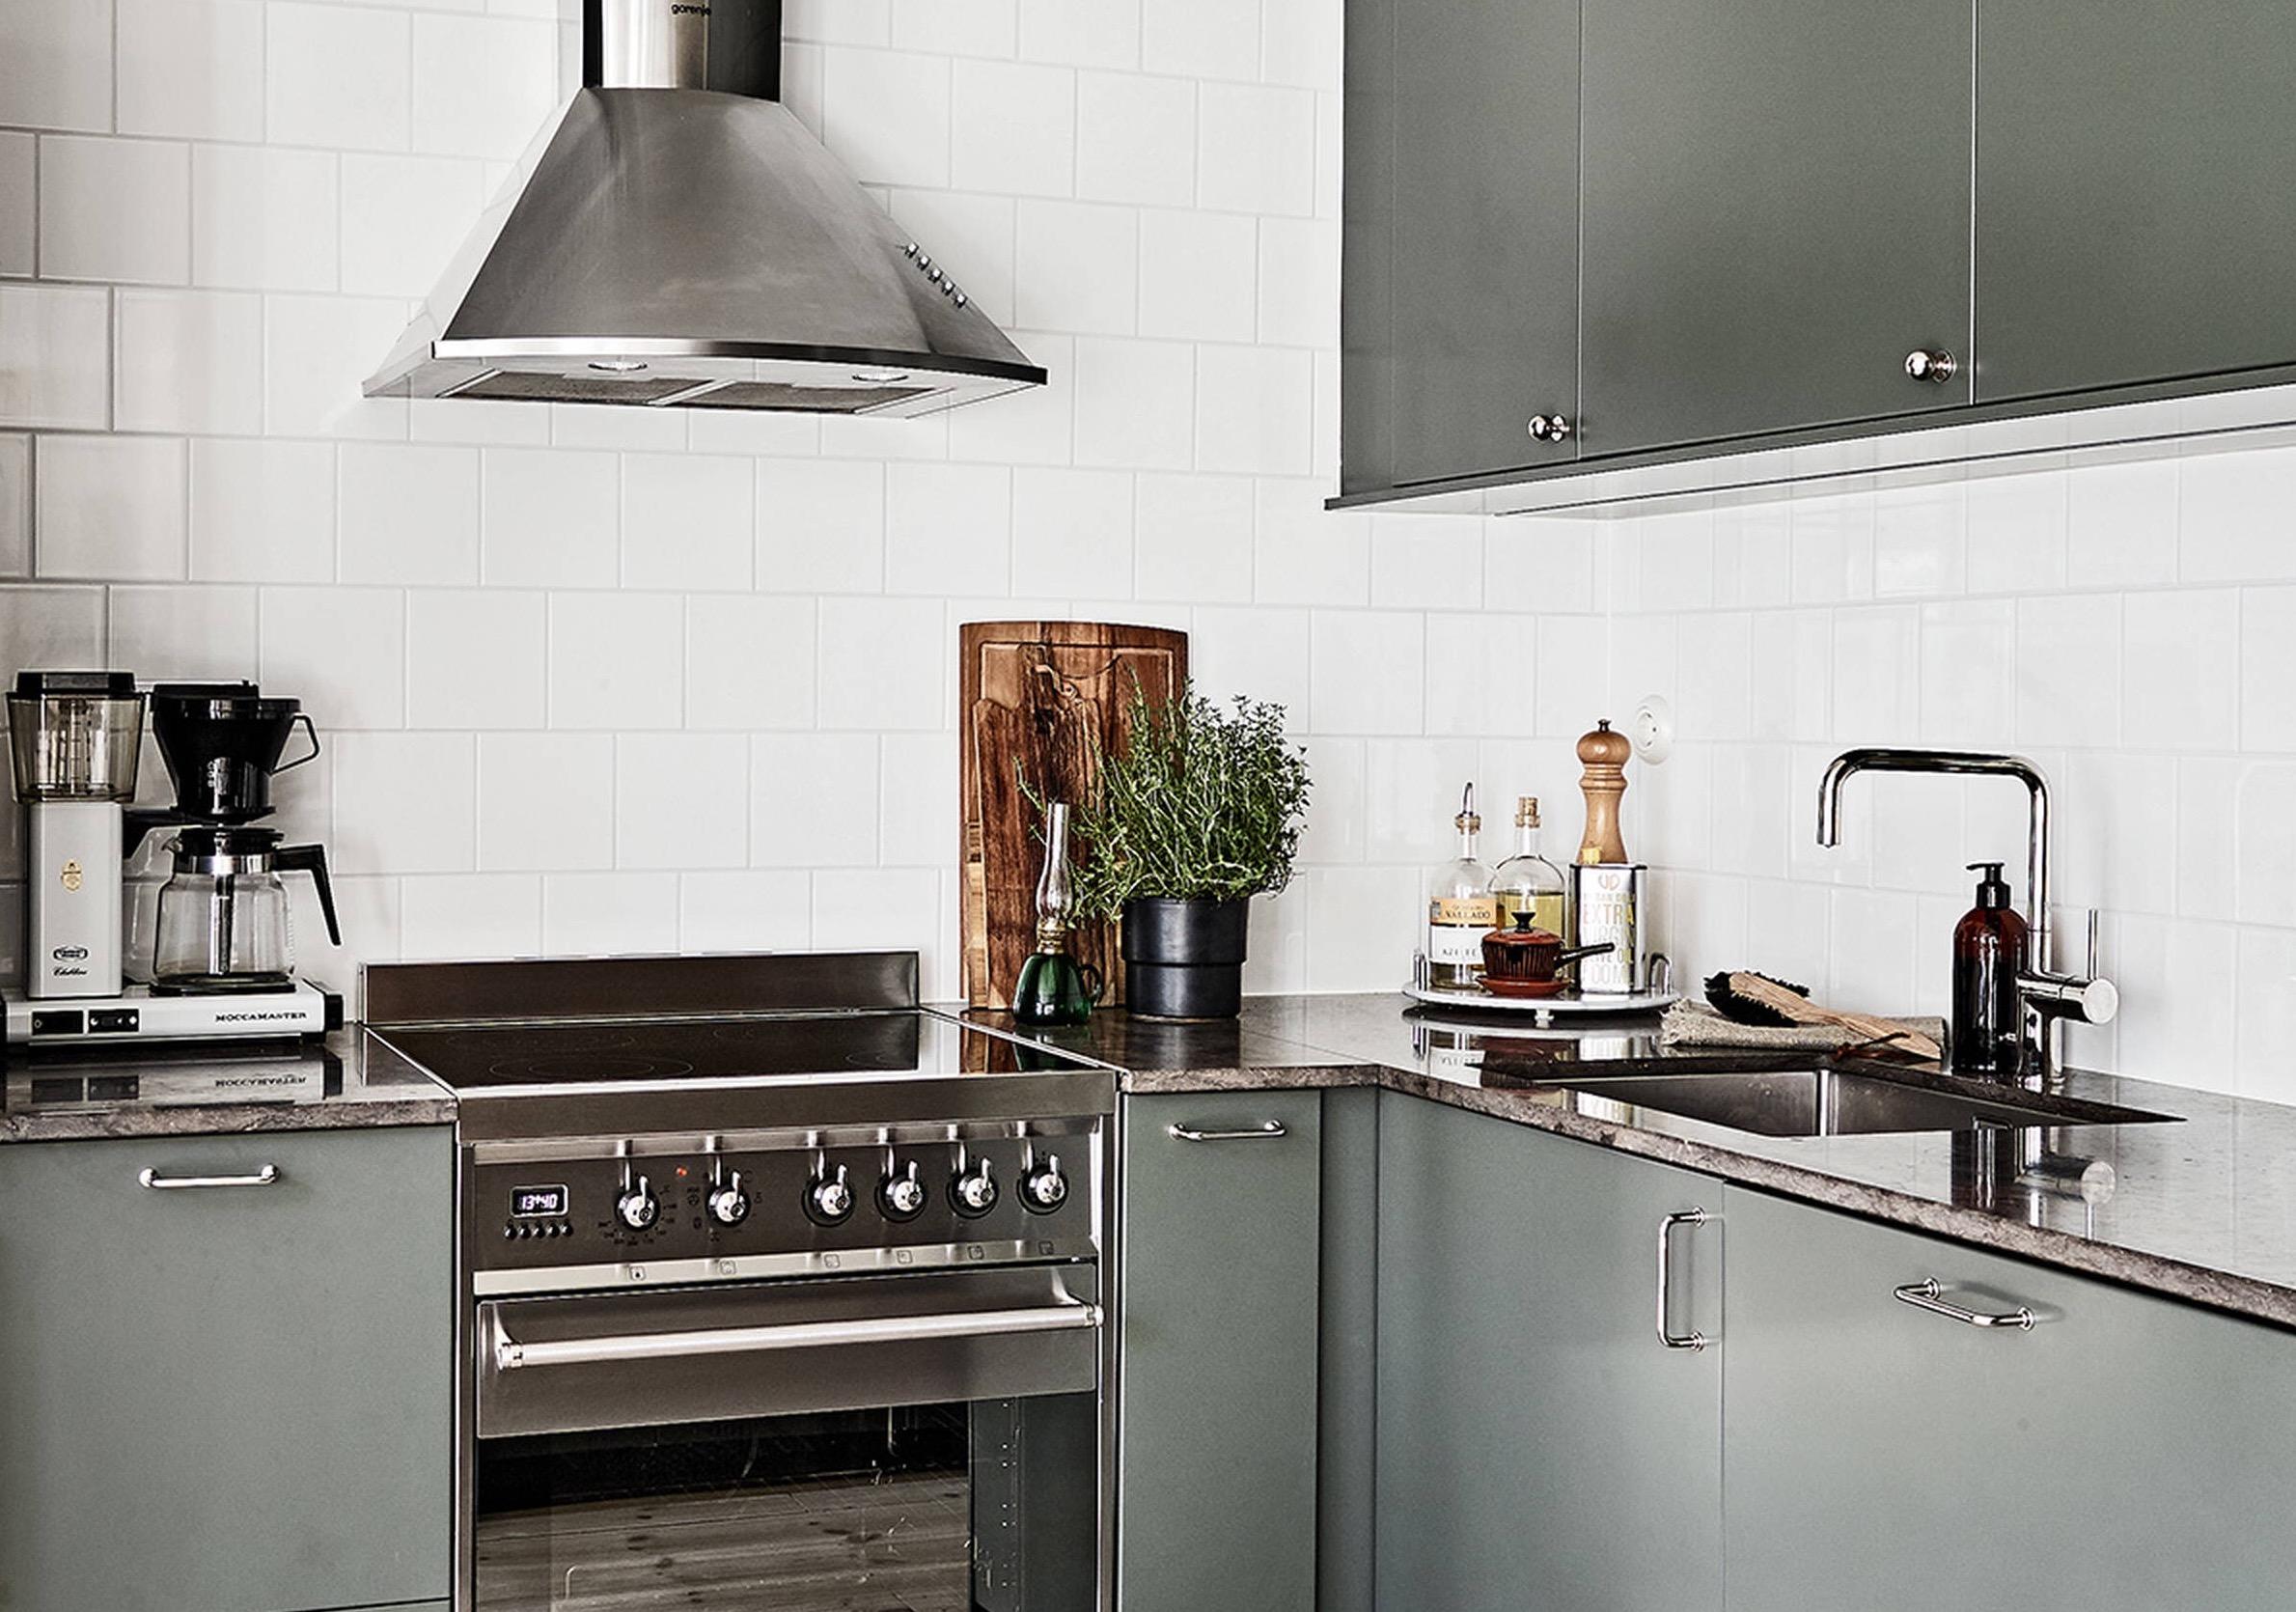 кухня столешница мойка смеситель плита вытяжка